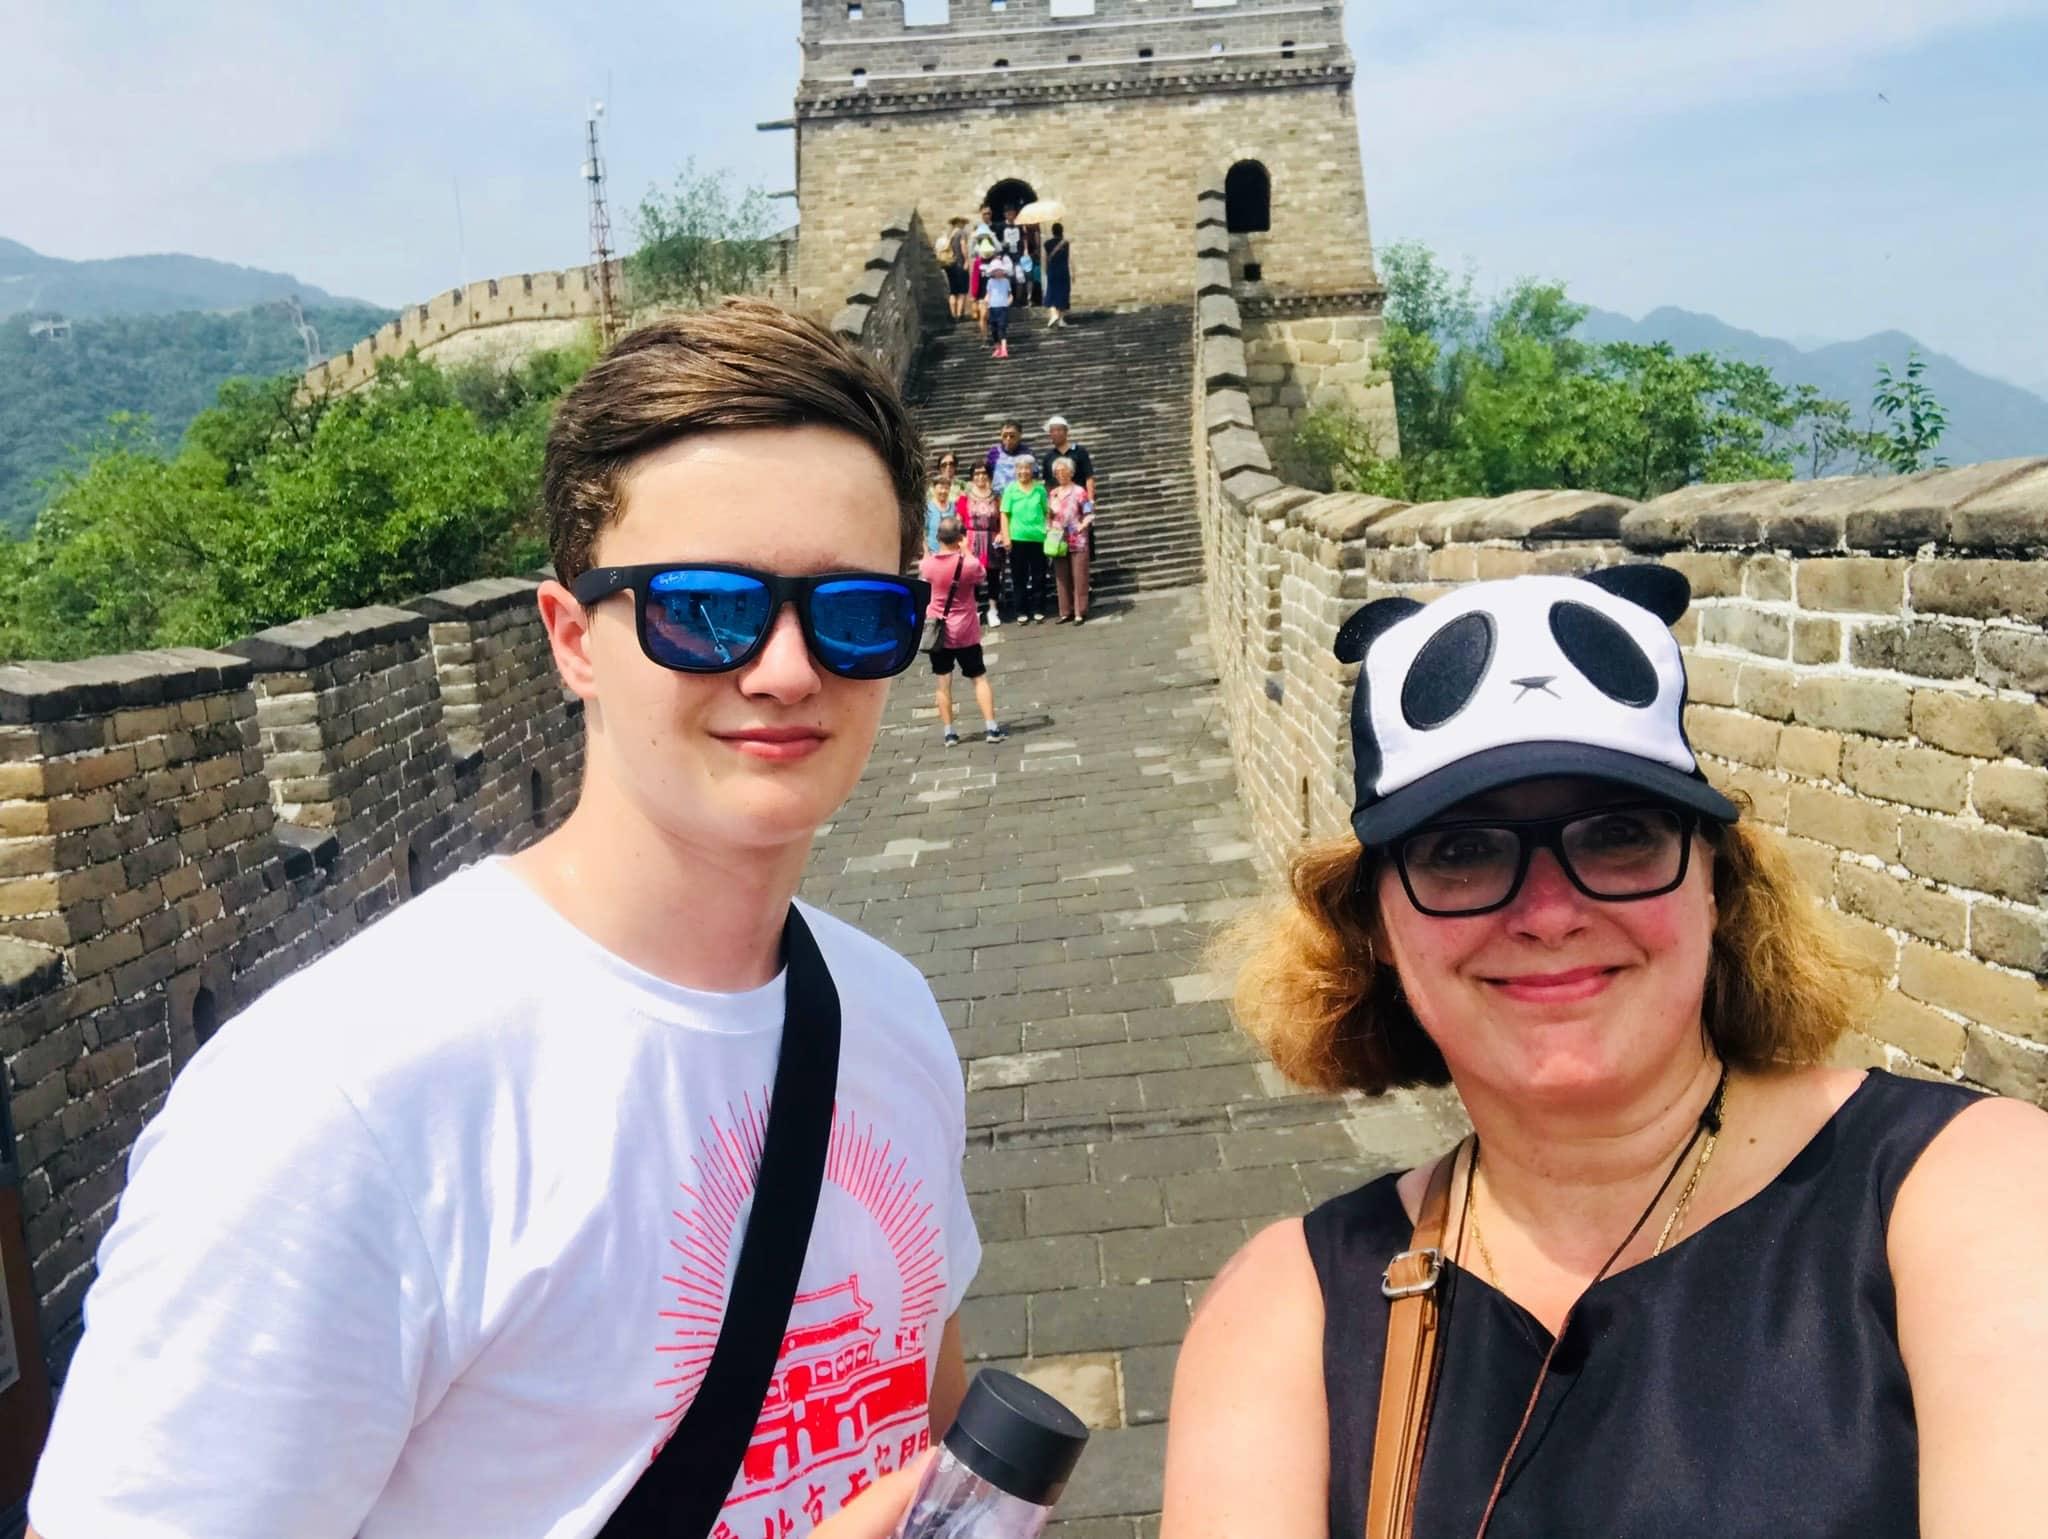 Simone und Sohn auf der Großen Mauer in China